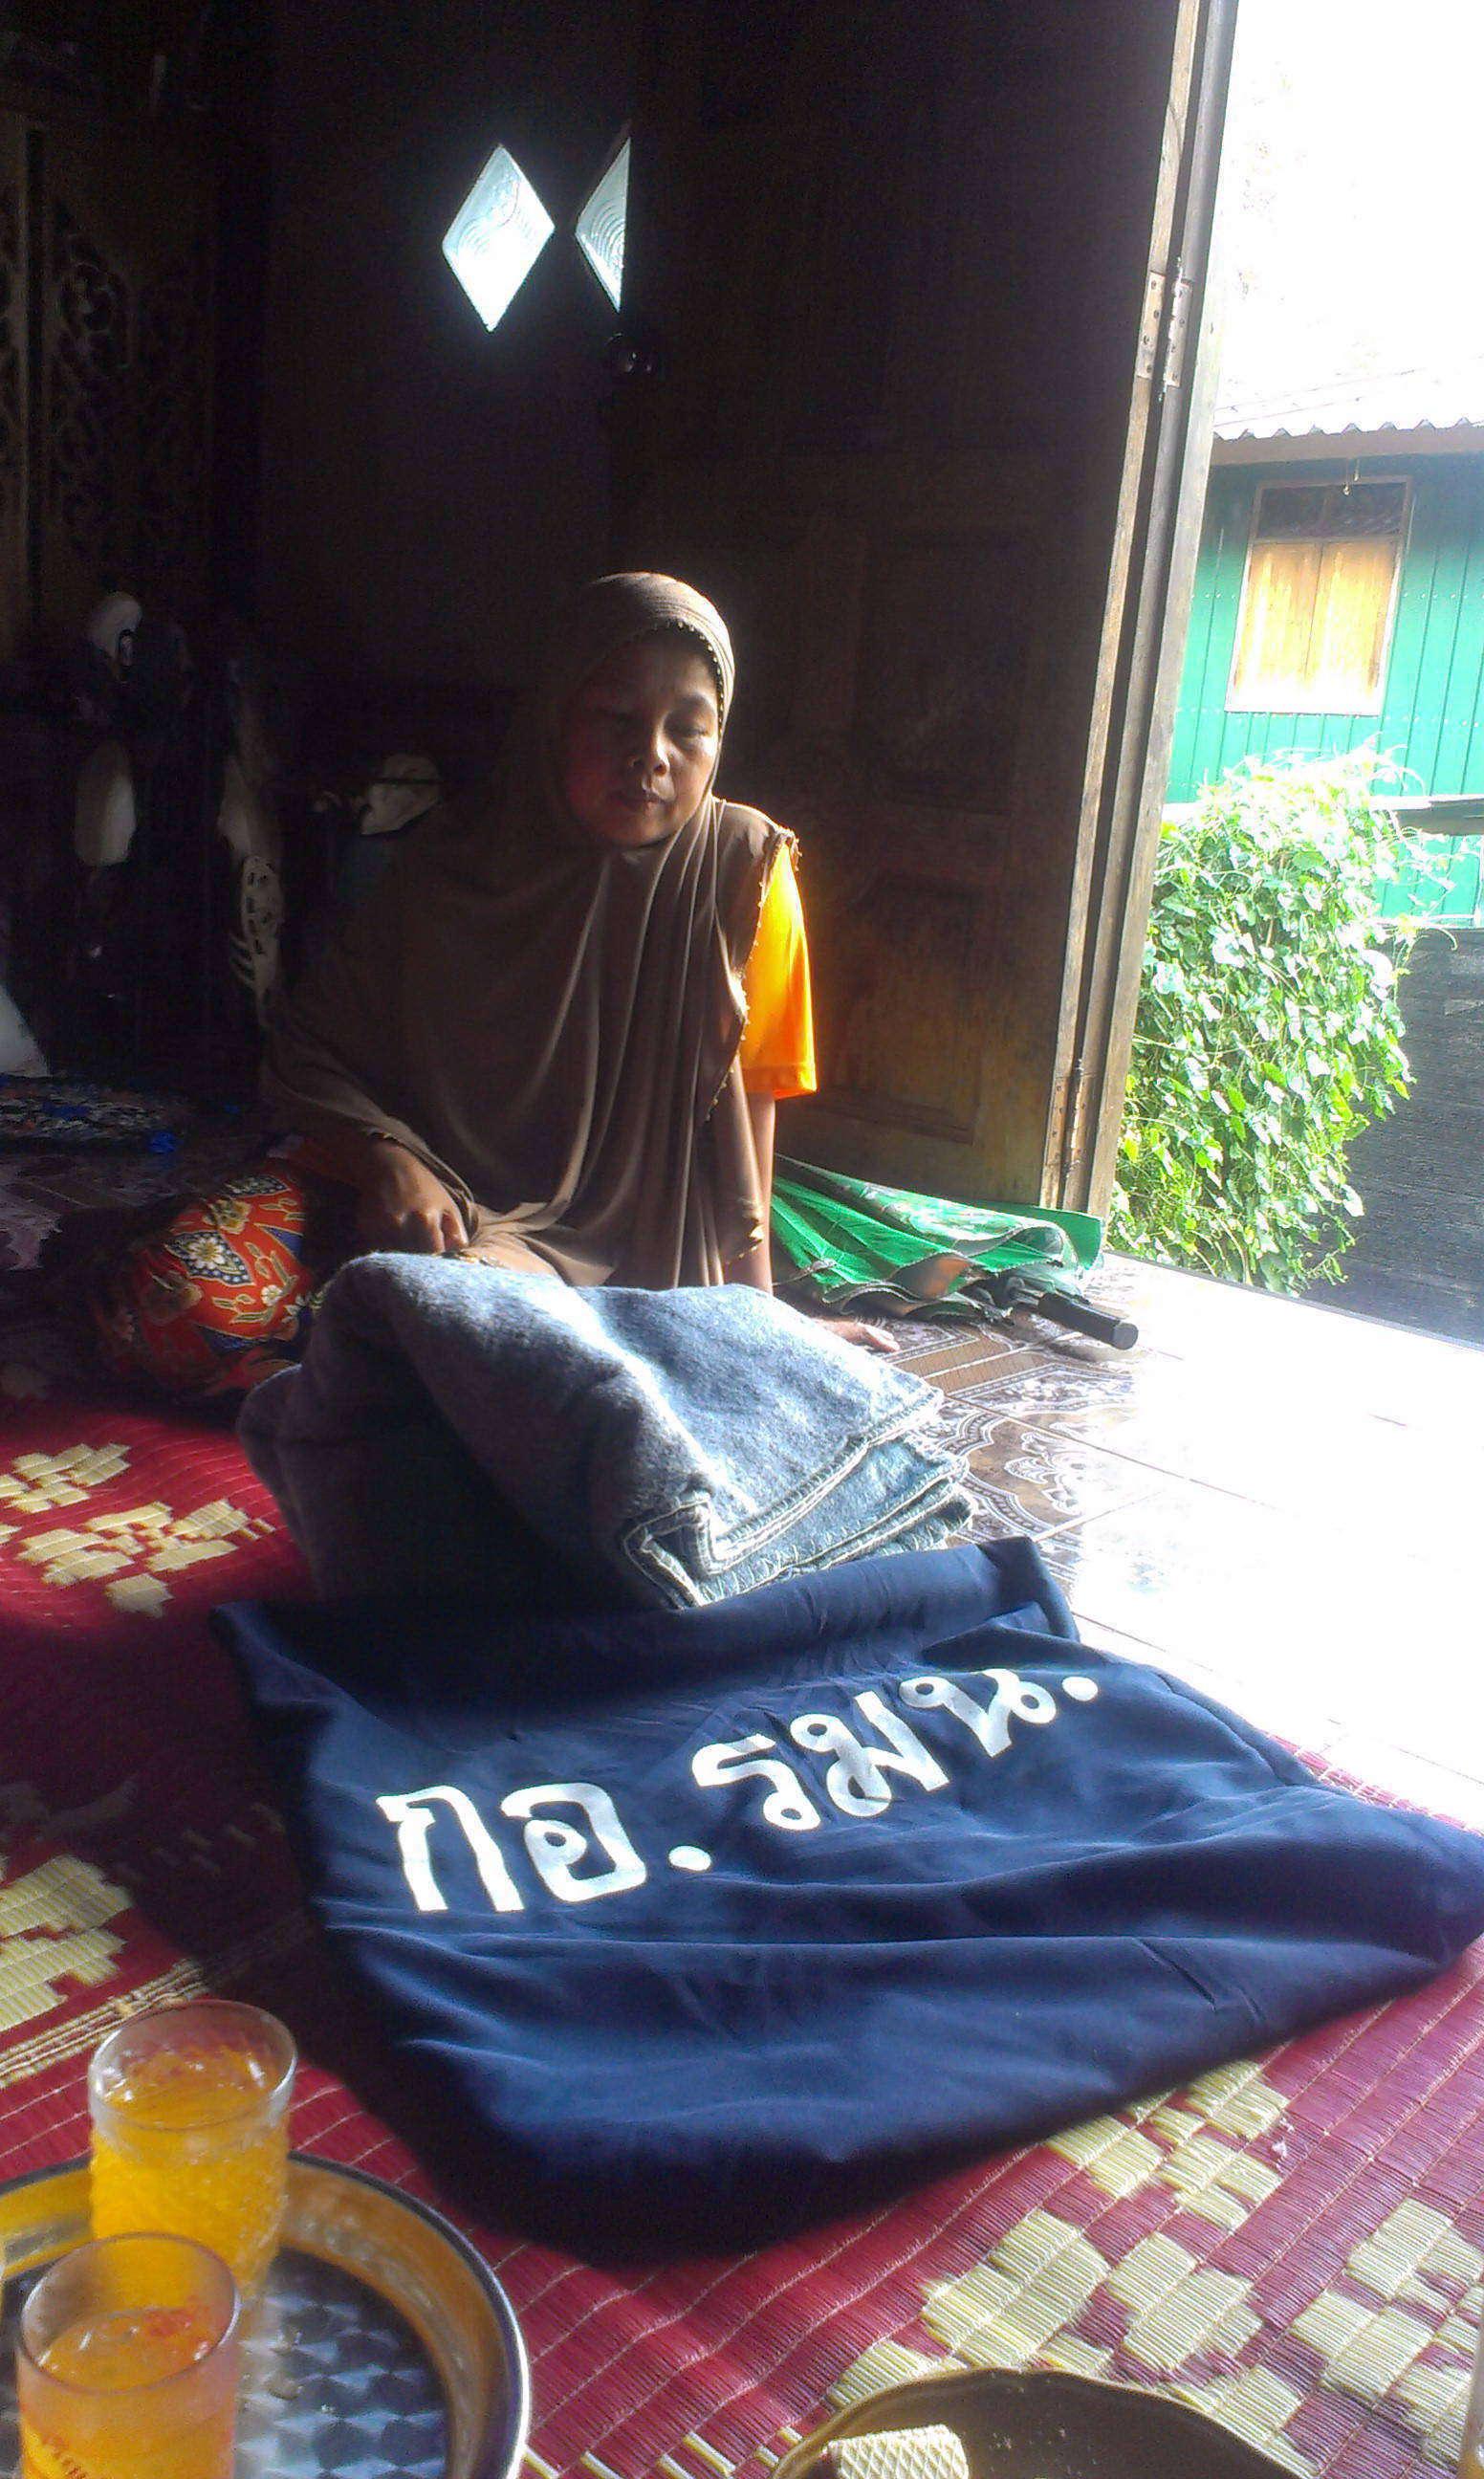 ญาติของผู้เสียชีวิตจากเหตุวิสามัญห้าศพในอ.กรงปินัง จ.ยะลาได้รับถุงยังชีพจาก กอ.รมน.